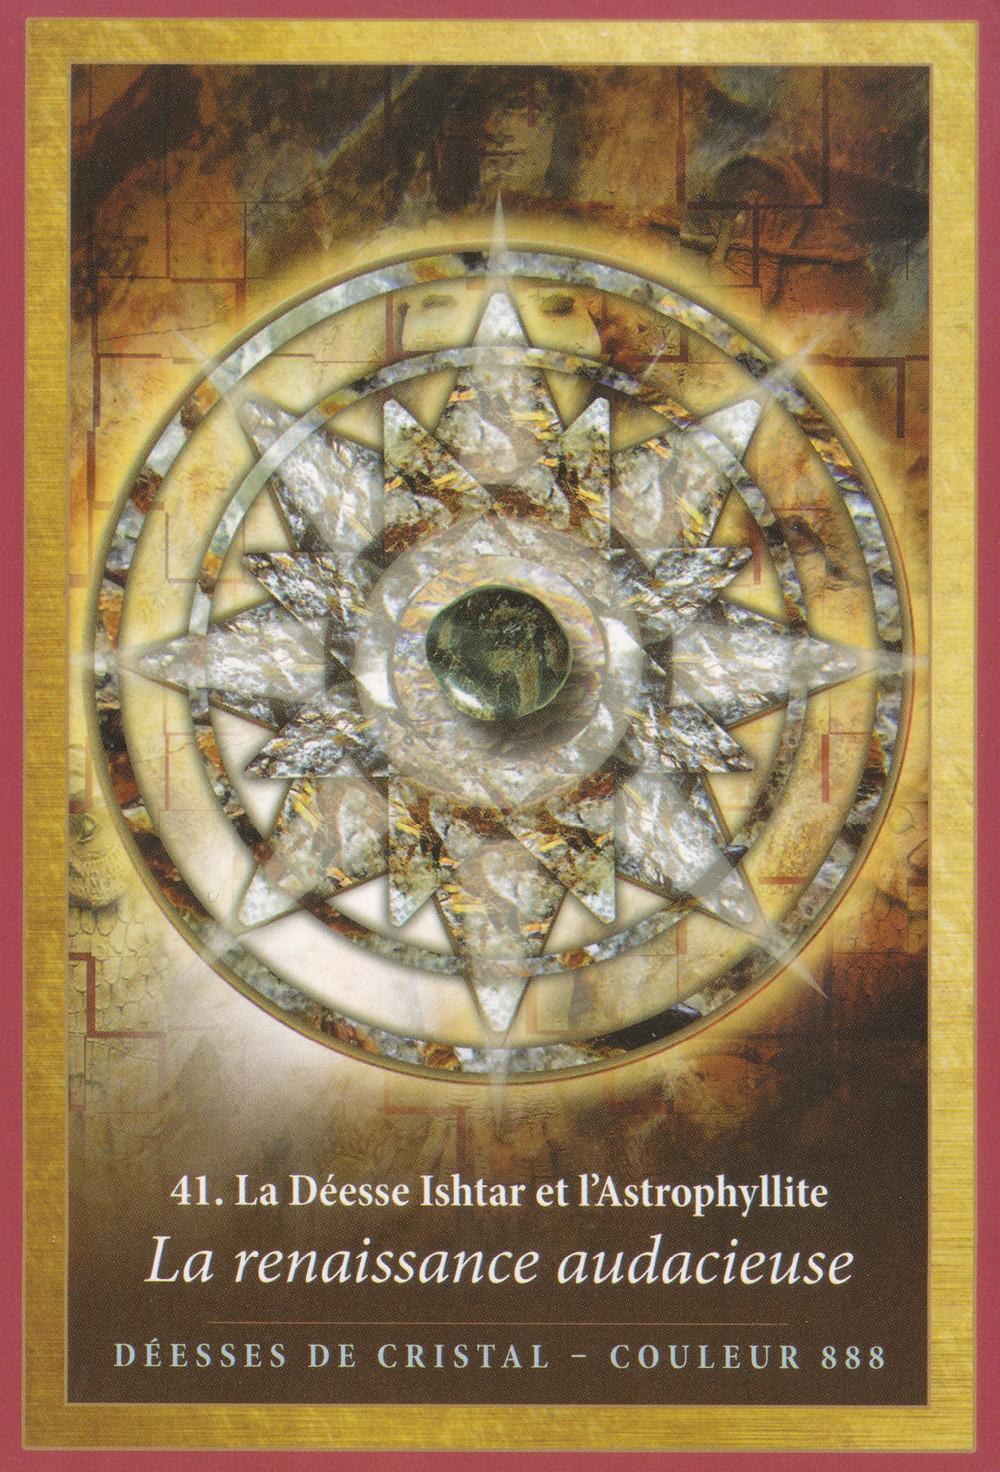 Carte de L'Energie des Anges et des Cristaux d'Alana Fairchild - 41 - La renaissance audacieuse - Energies du weekend du 31 janvier au 2 février 2020 (Portail) : On se lance dans notre Renaissance !